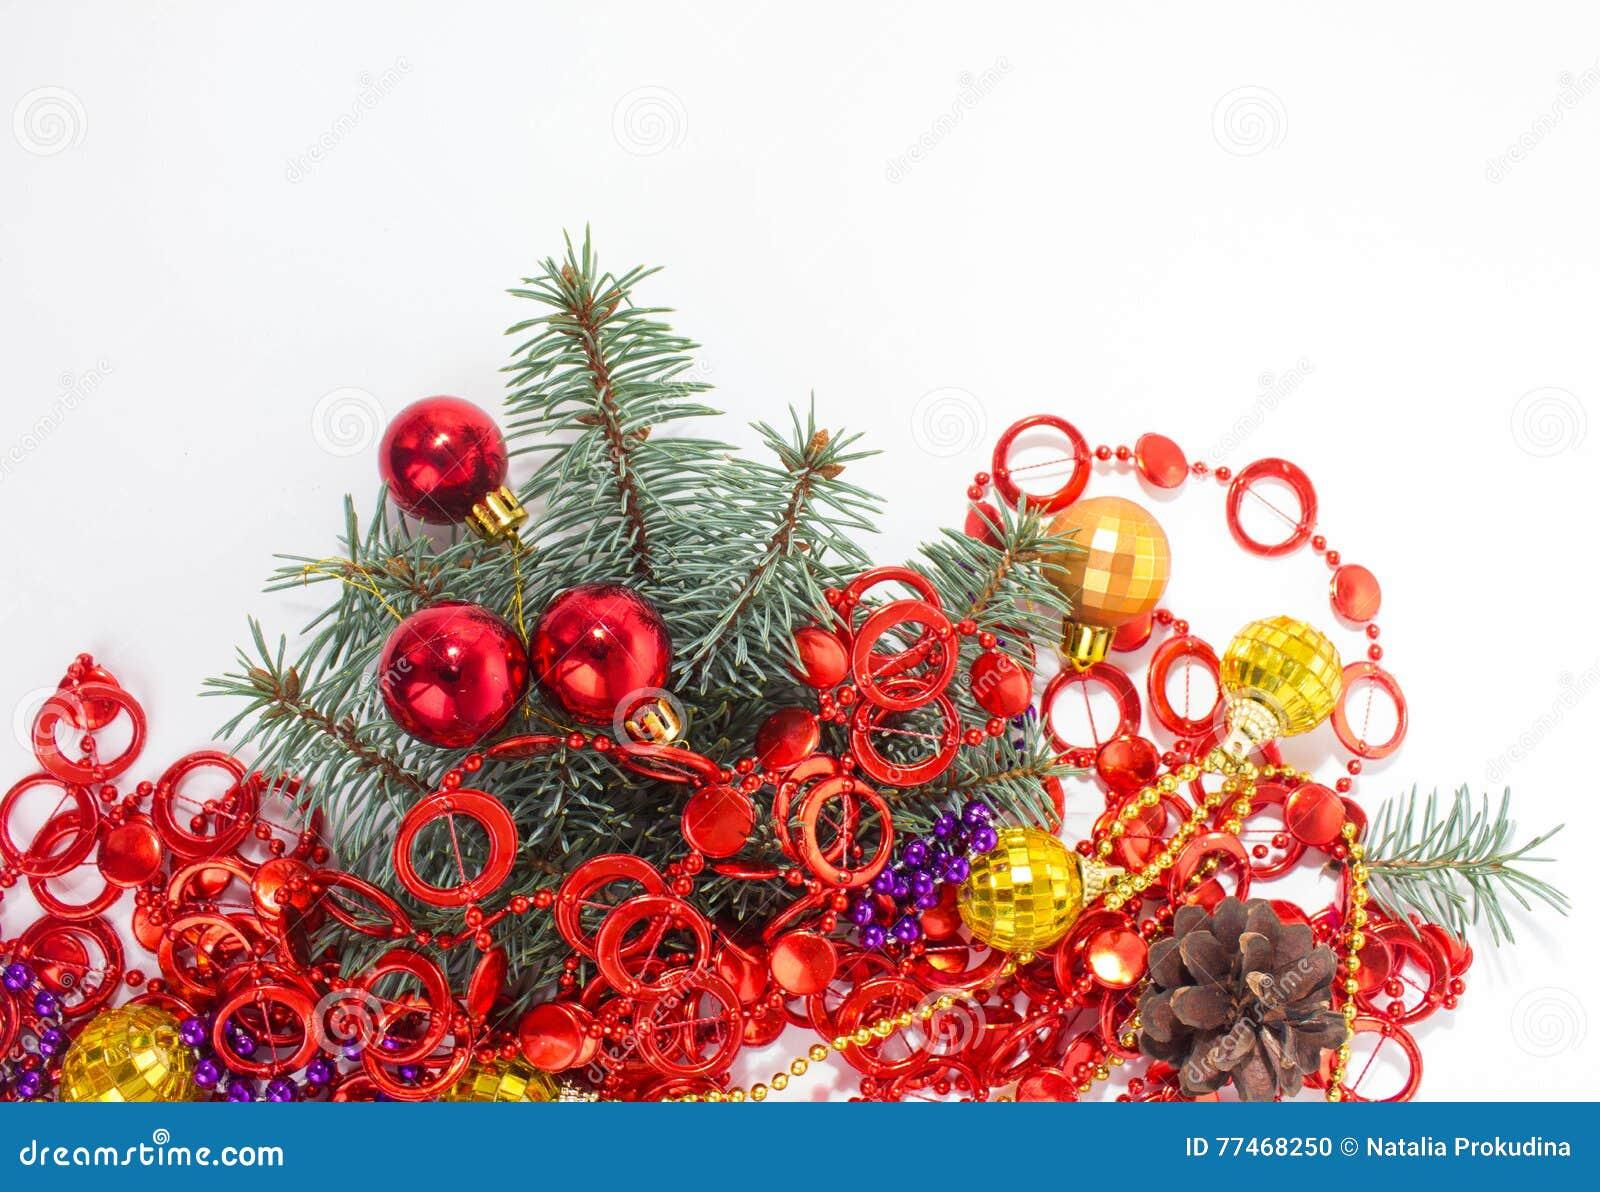 Beleuchtete Bilder Weihnachten.Neue Ideen Das Haus Zu Verzieren Dieses Weihnachten Hintergrund